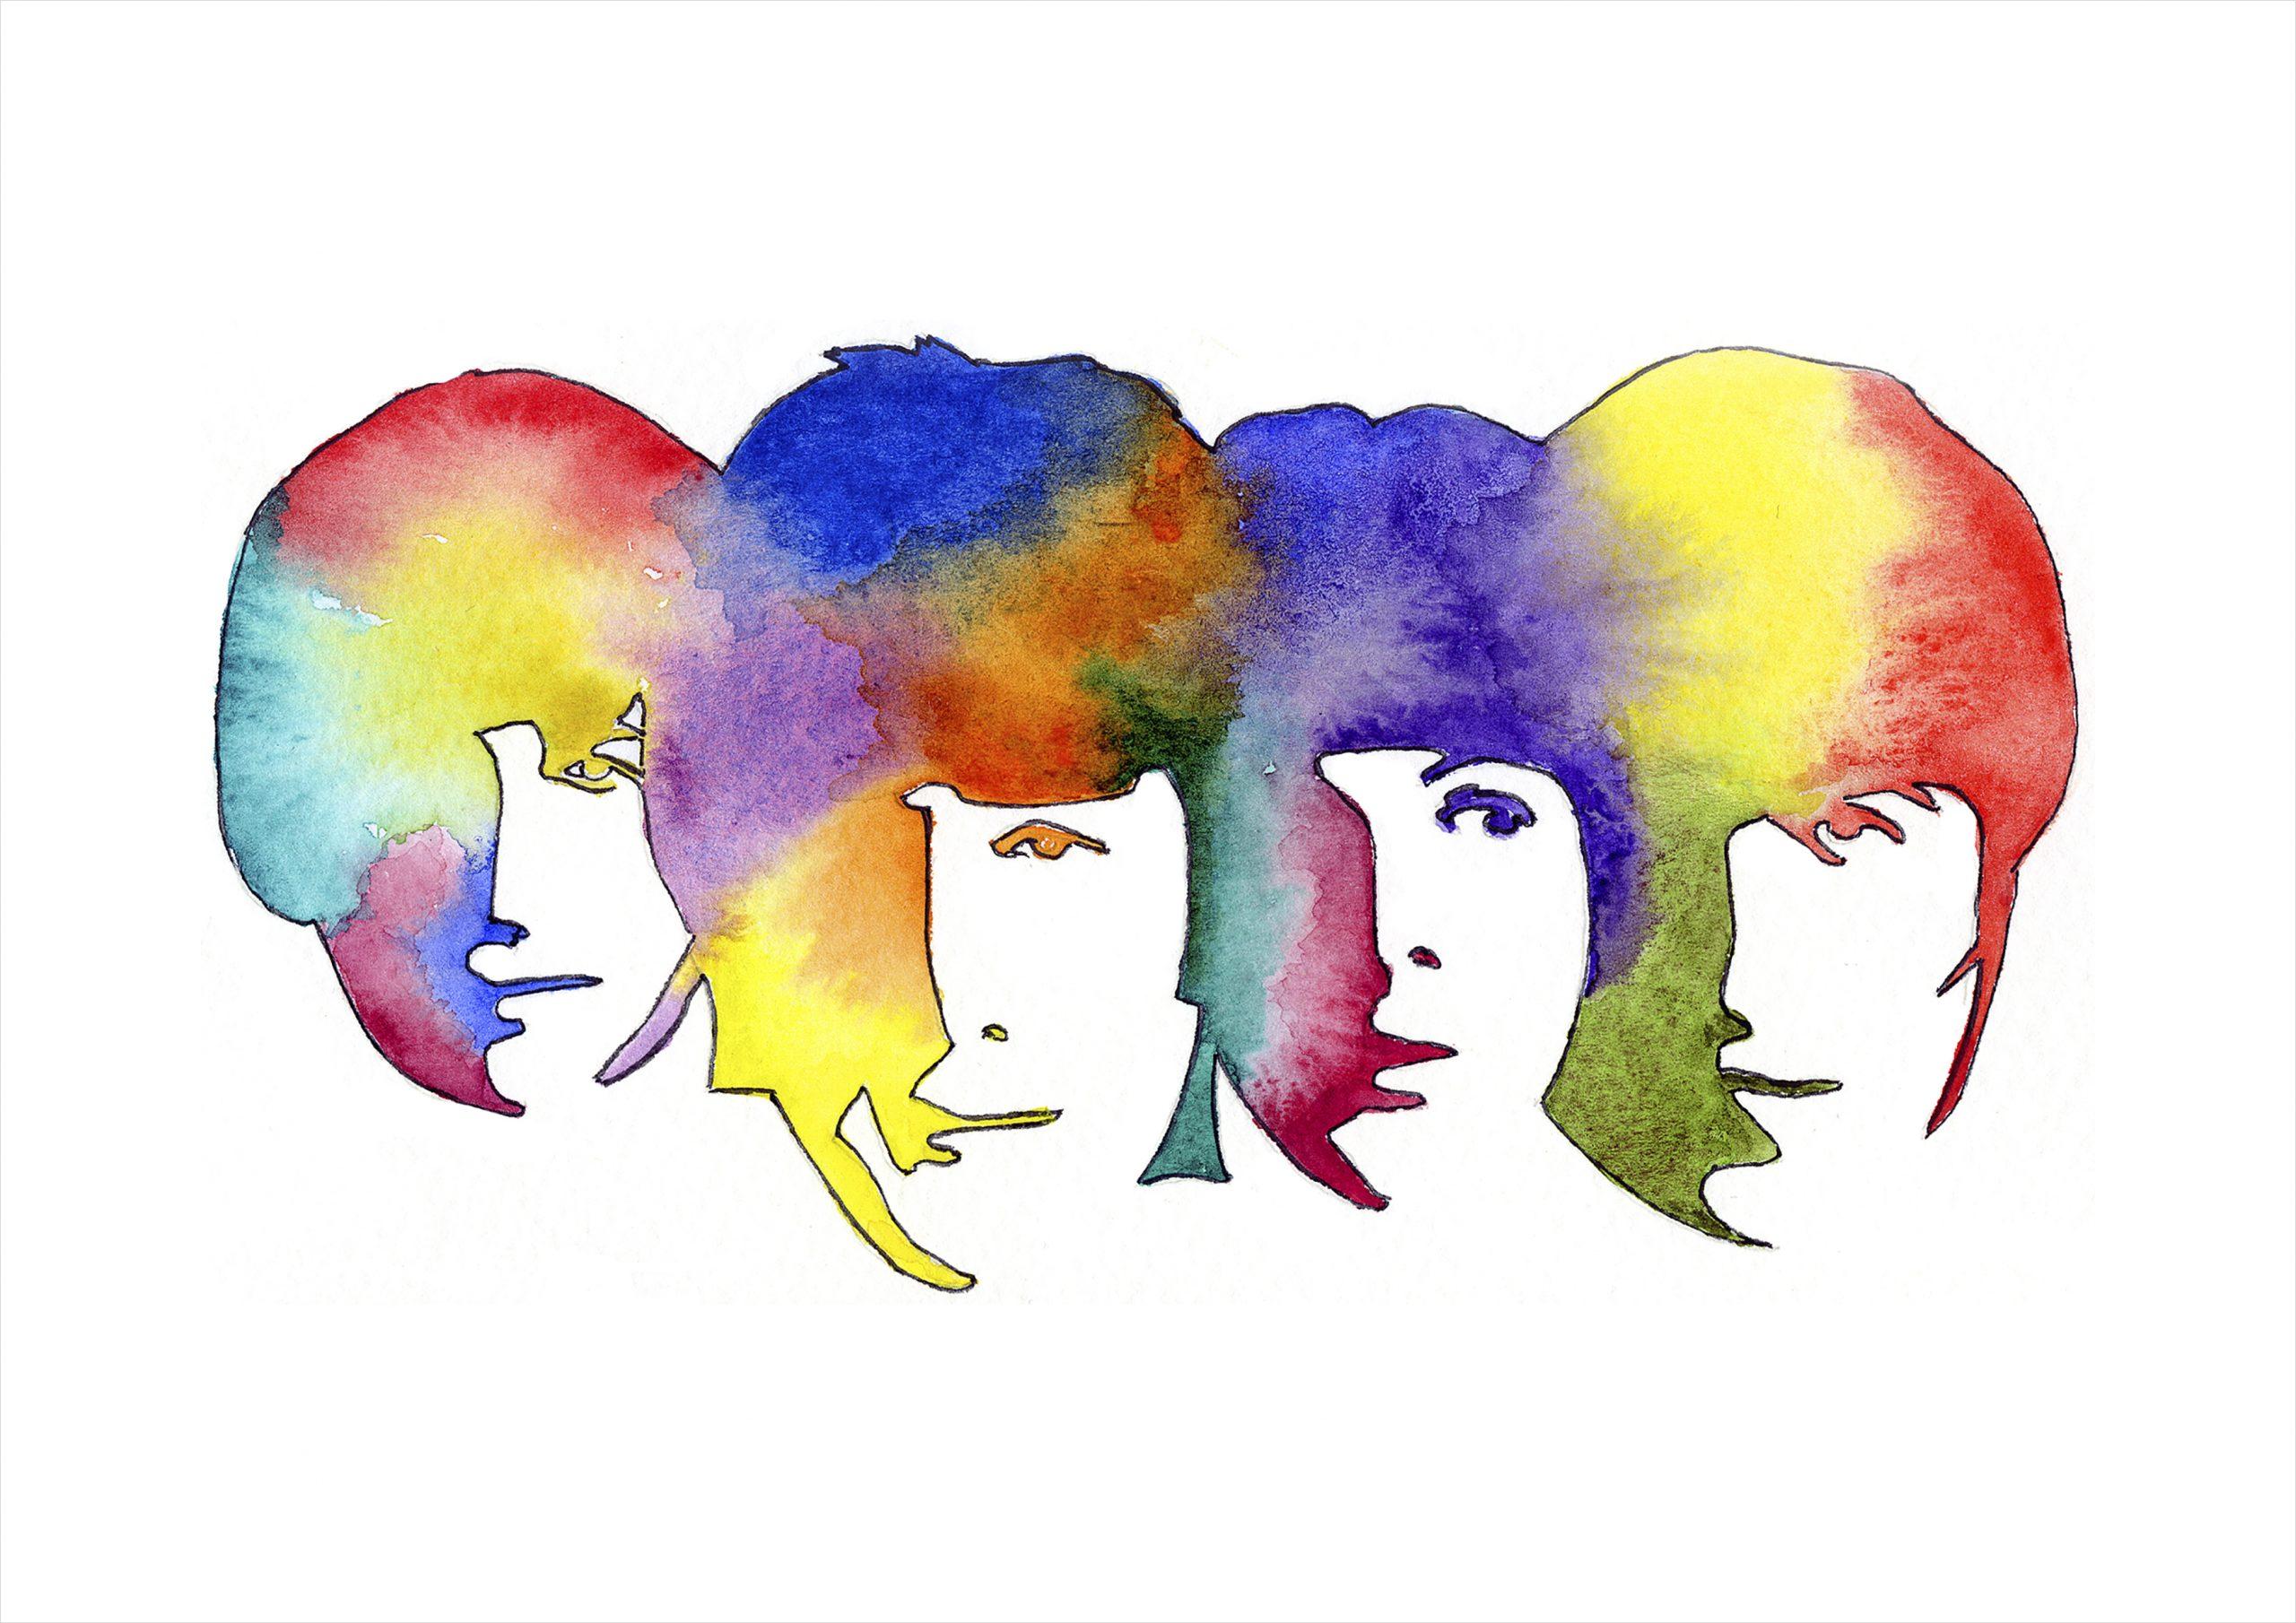 LIVERPOOLARTCo-logo-Beatles-picture